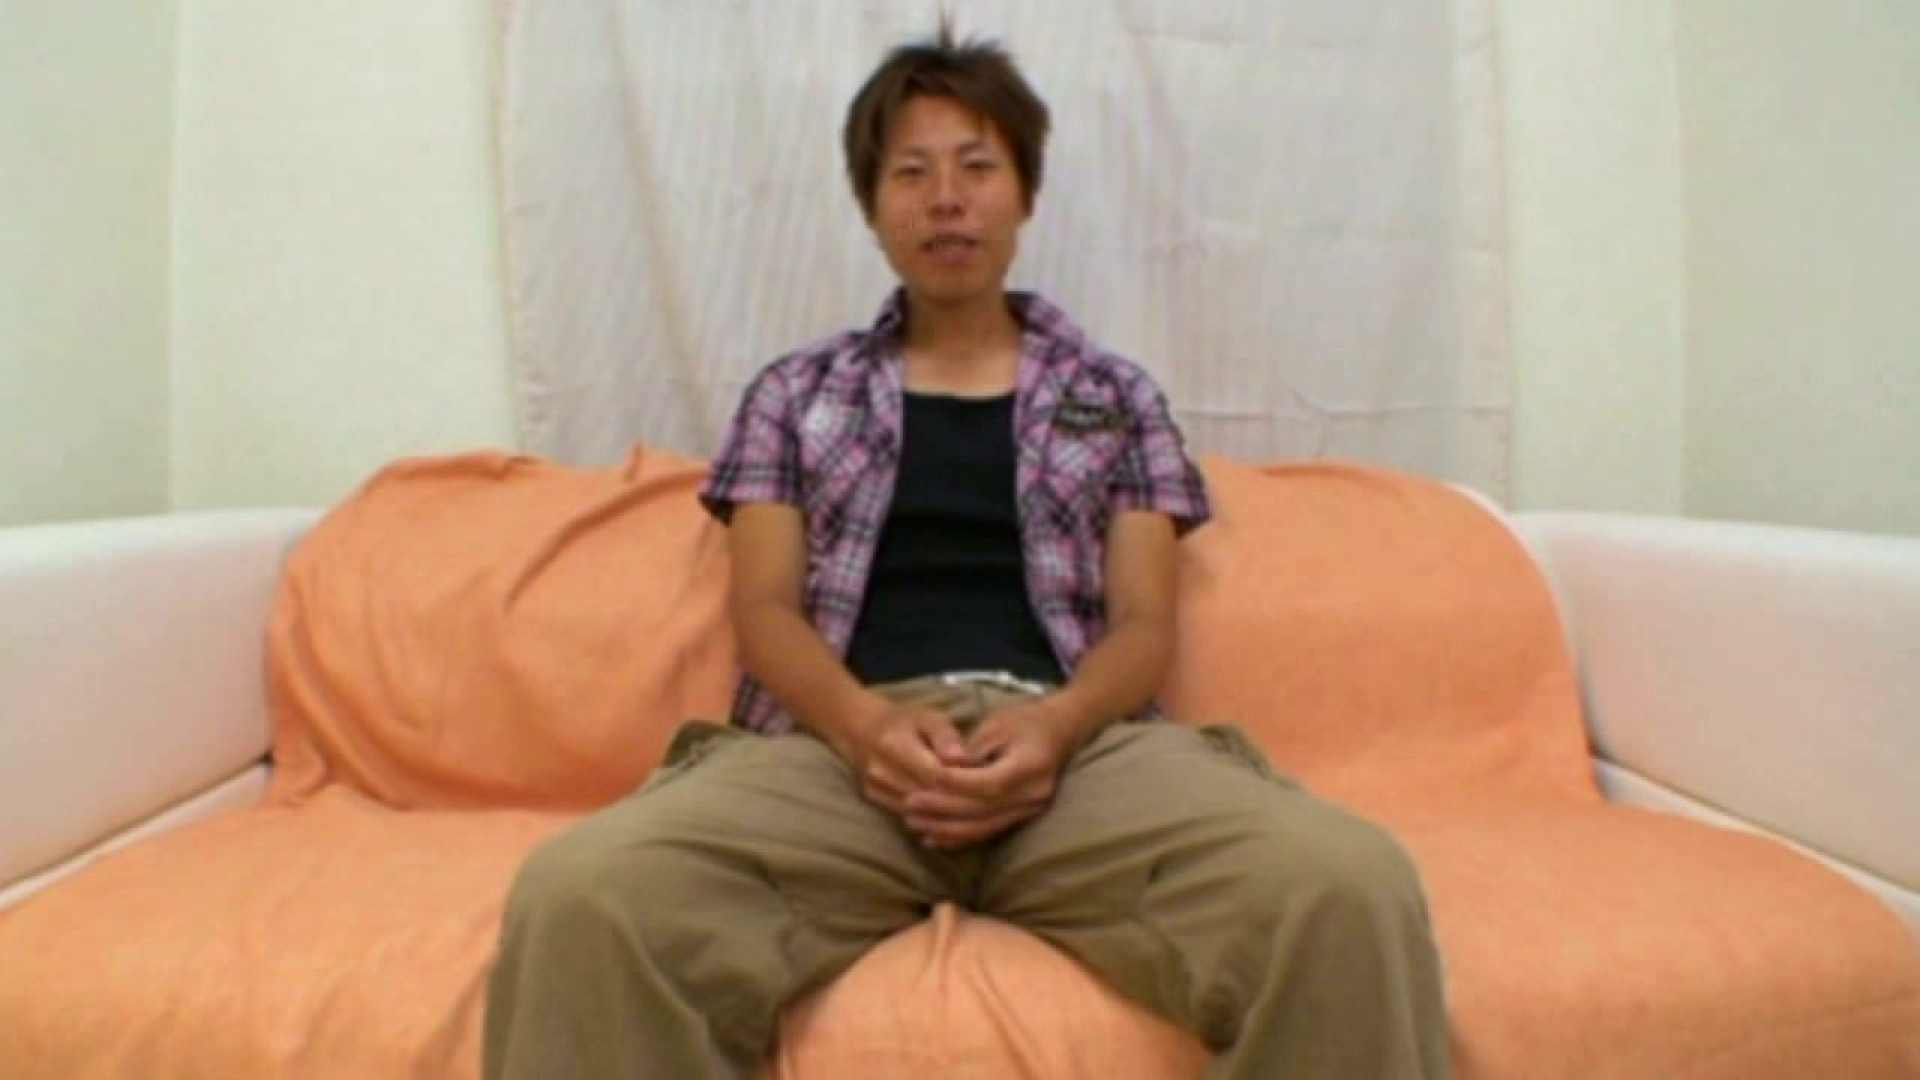 ノンケ!自慰スタジオ No.10 オナニー アダルトビデオ画像キャプチャ 113枚 72